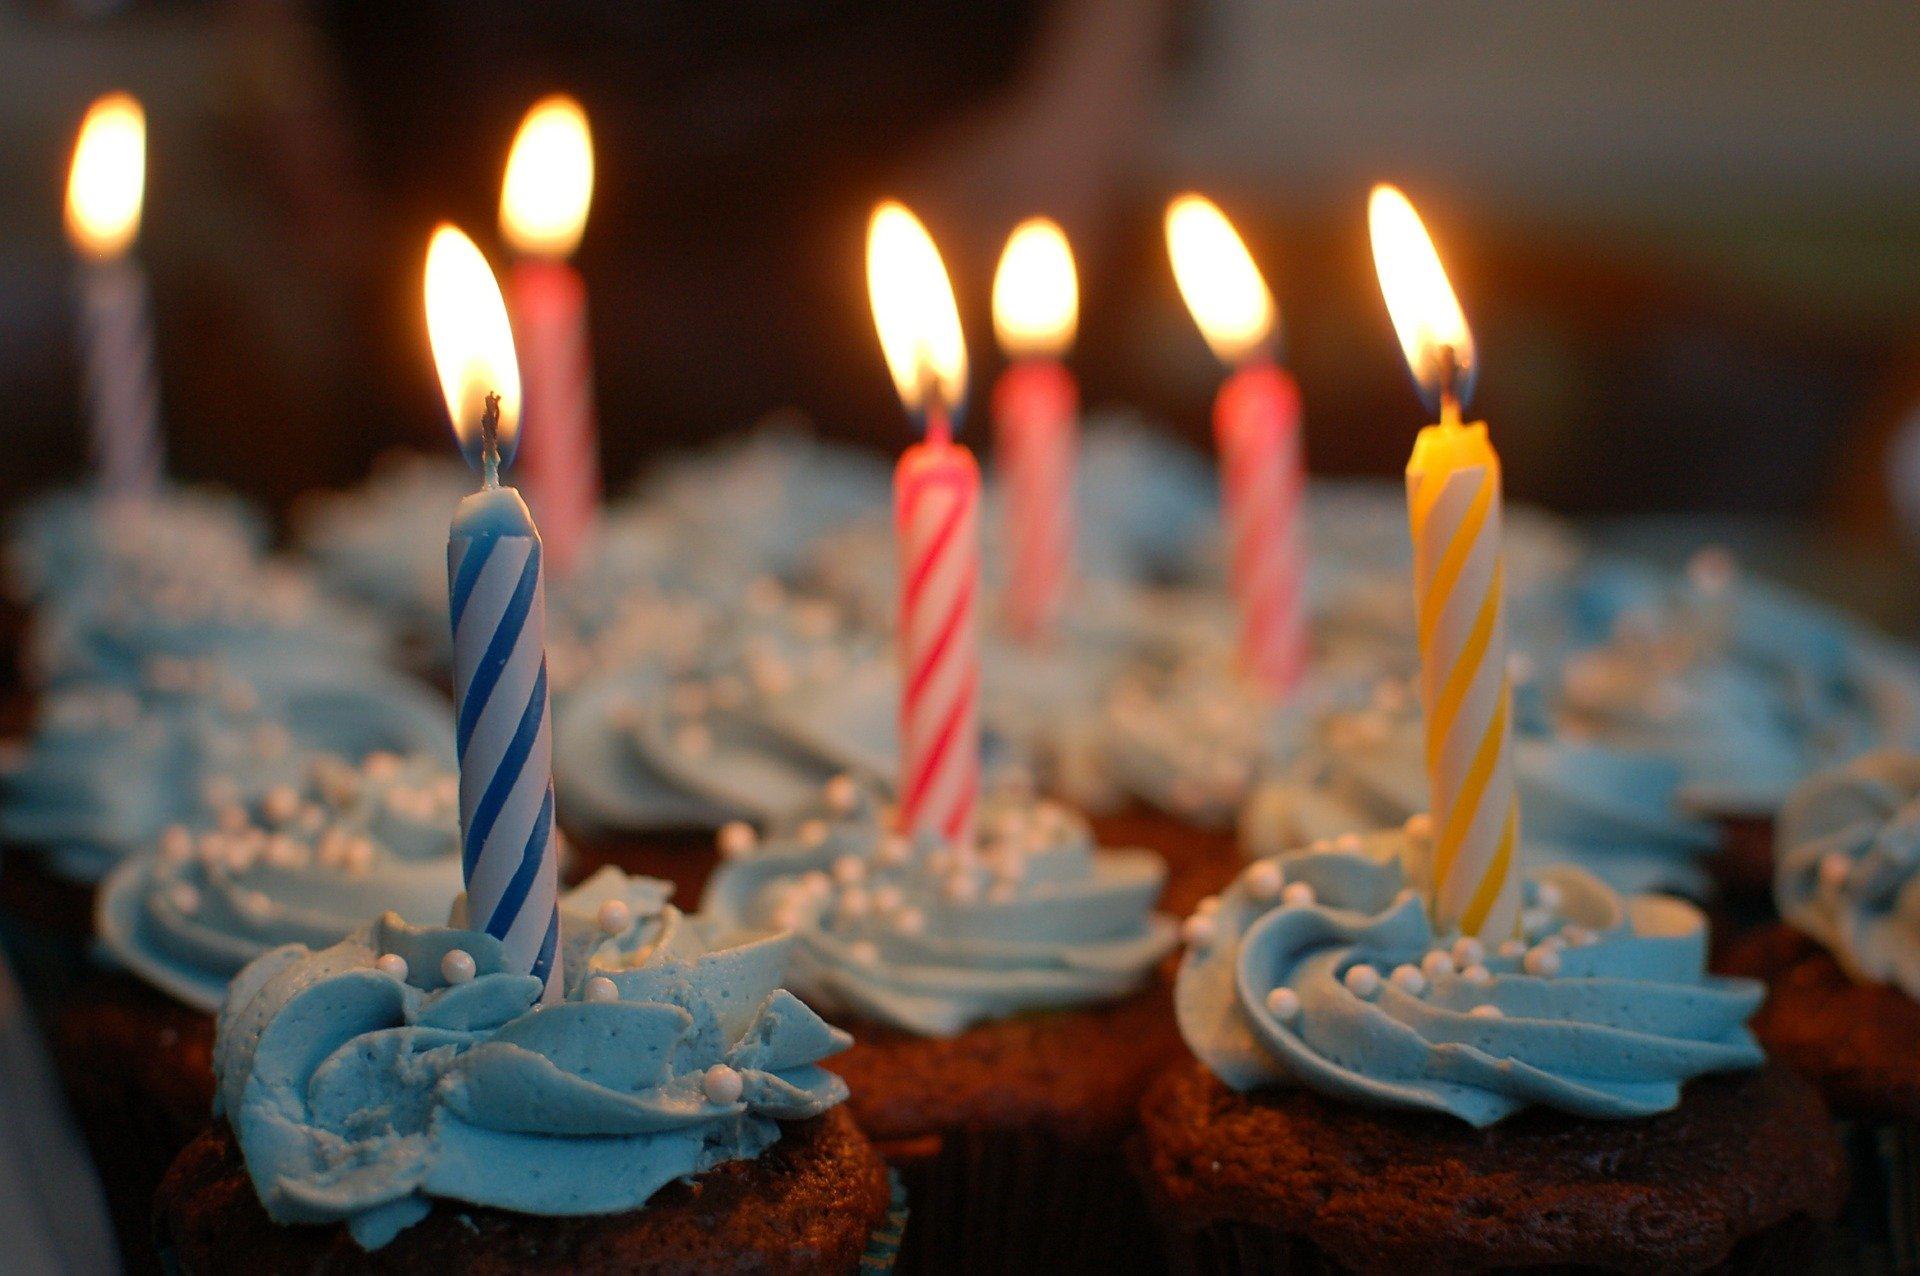 La tarta de cumpleaños siempre nos trae grandes recuerdos de infancia